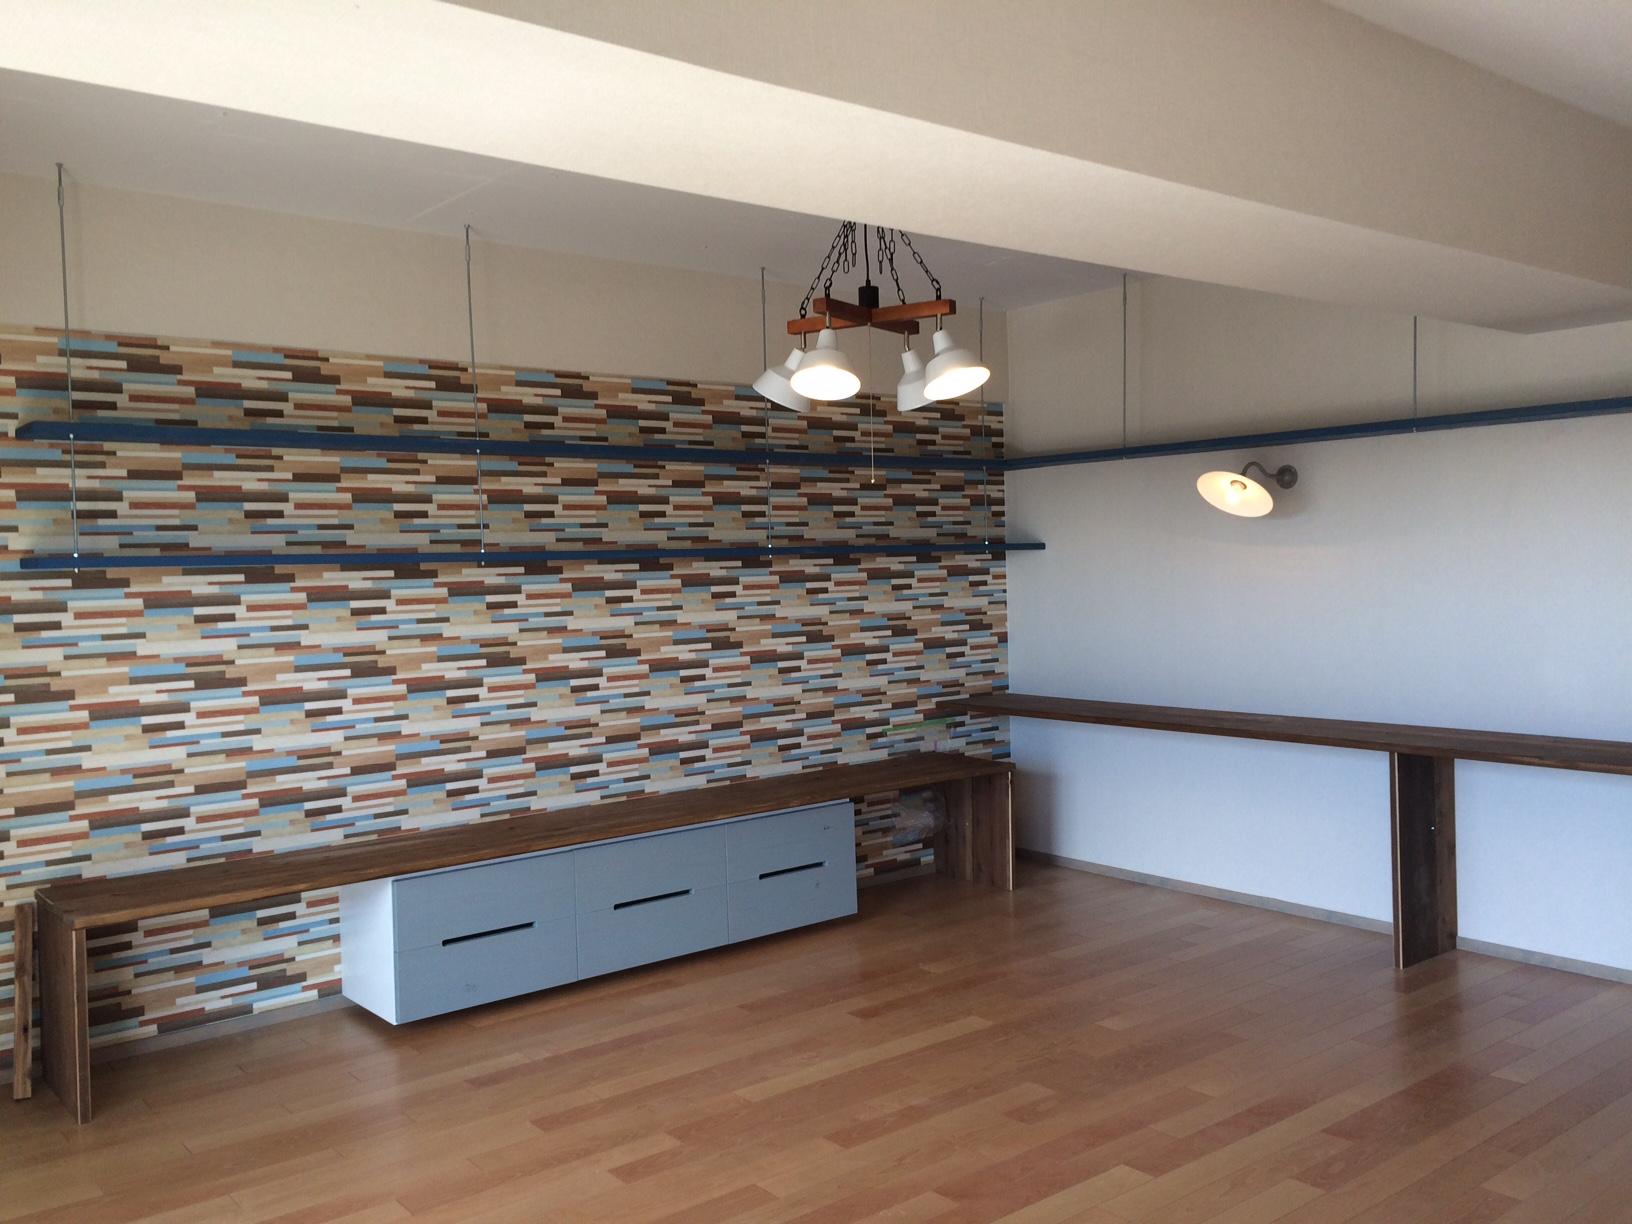 新建材と無垢材のマンションリノベーション/内装デザイン事例_NO.j04